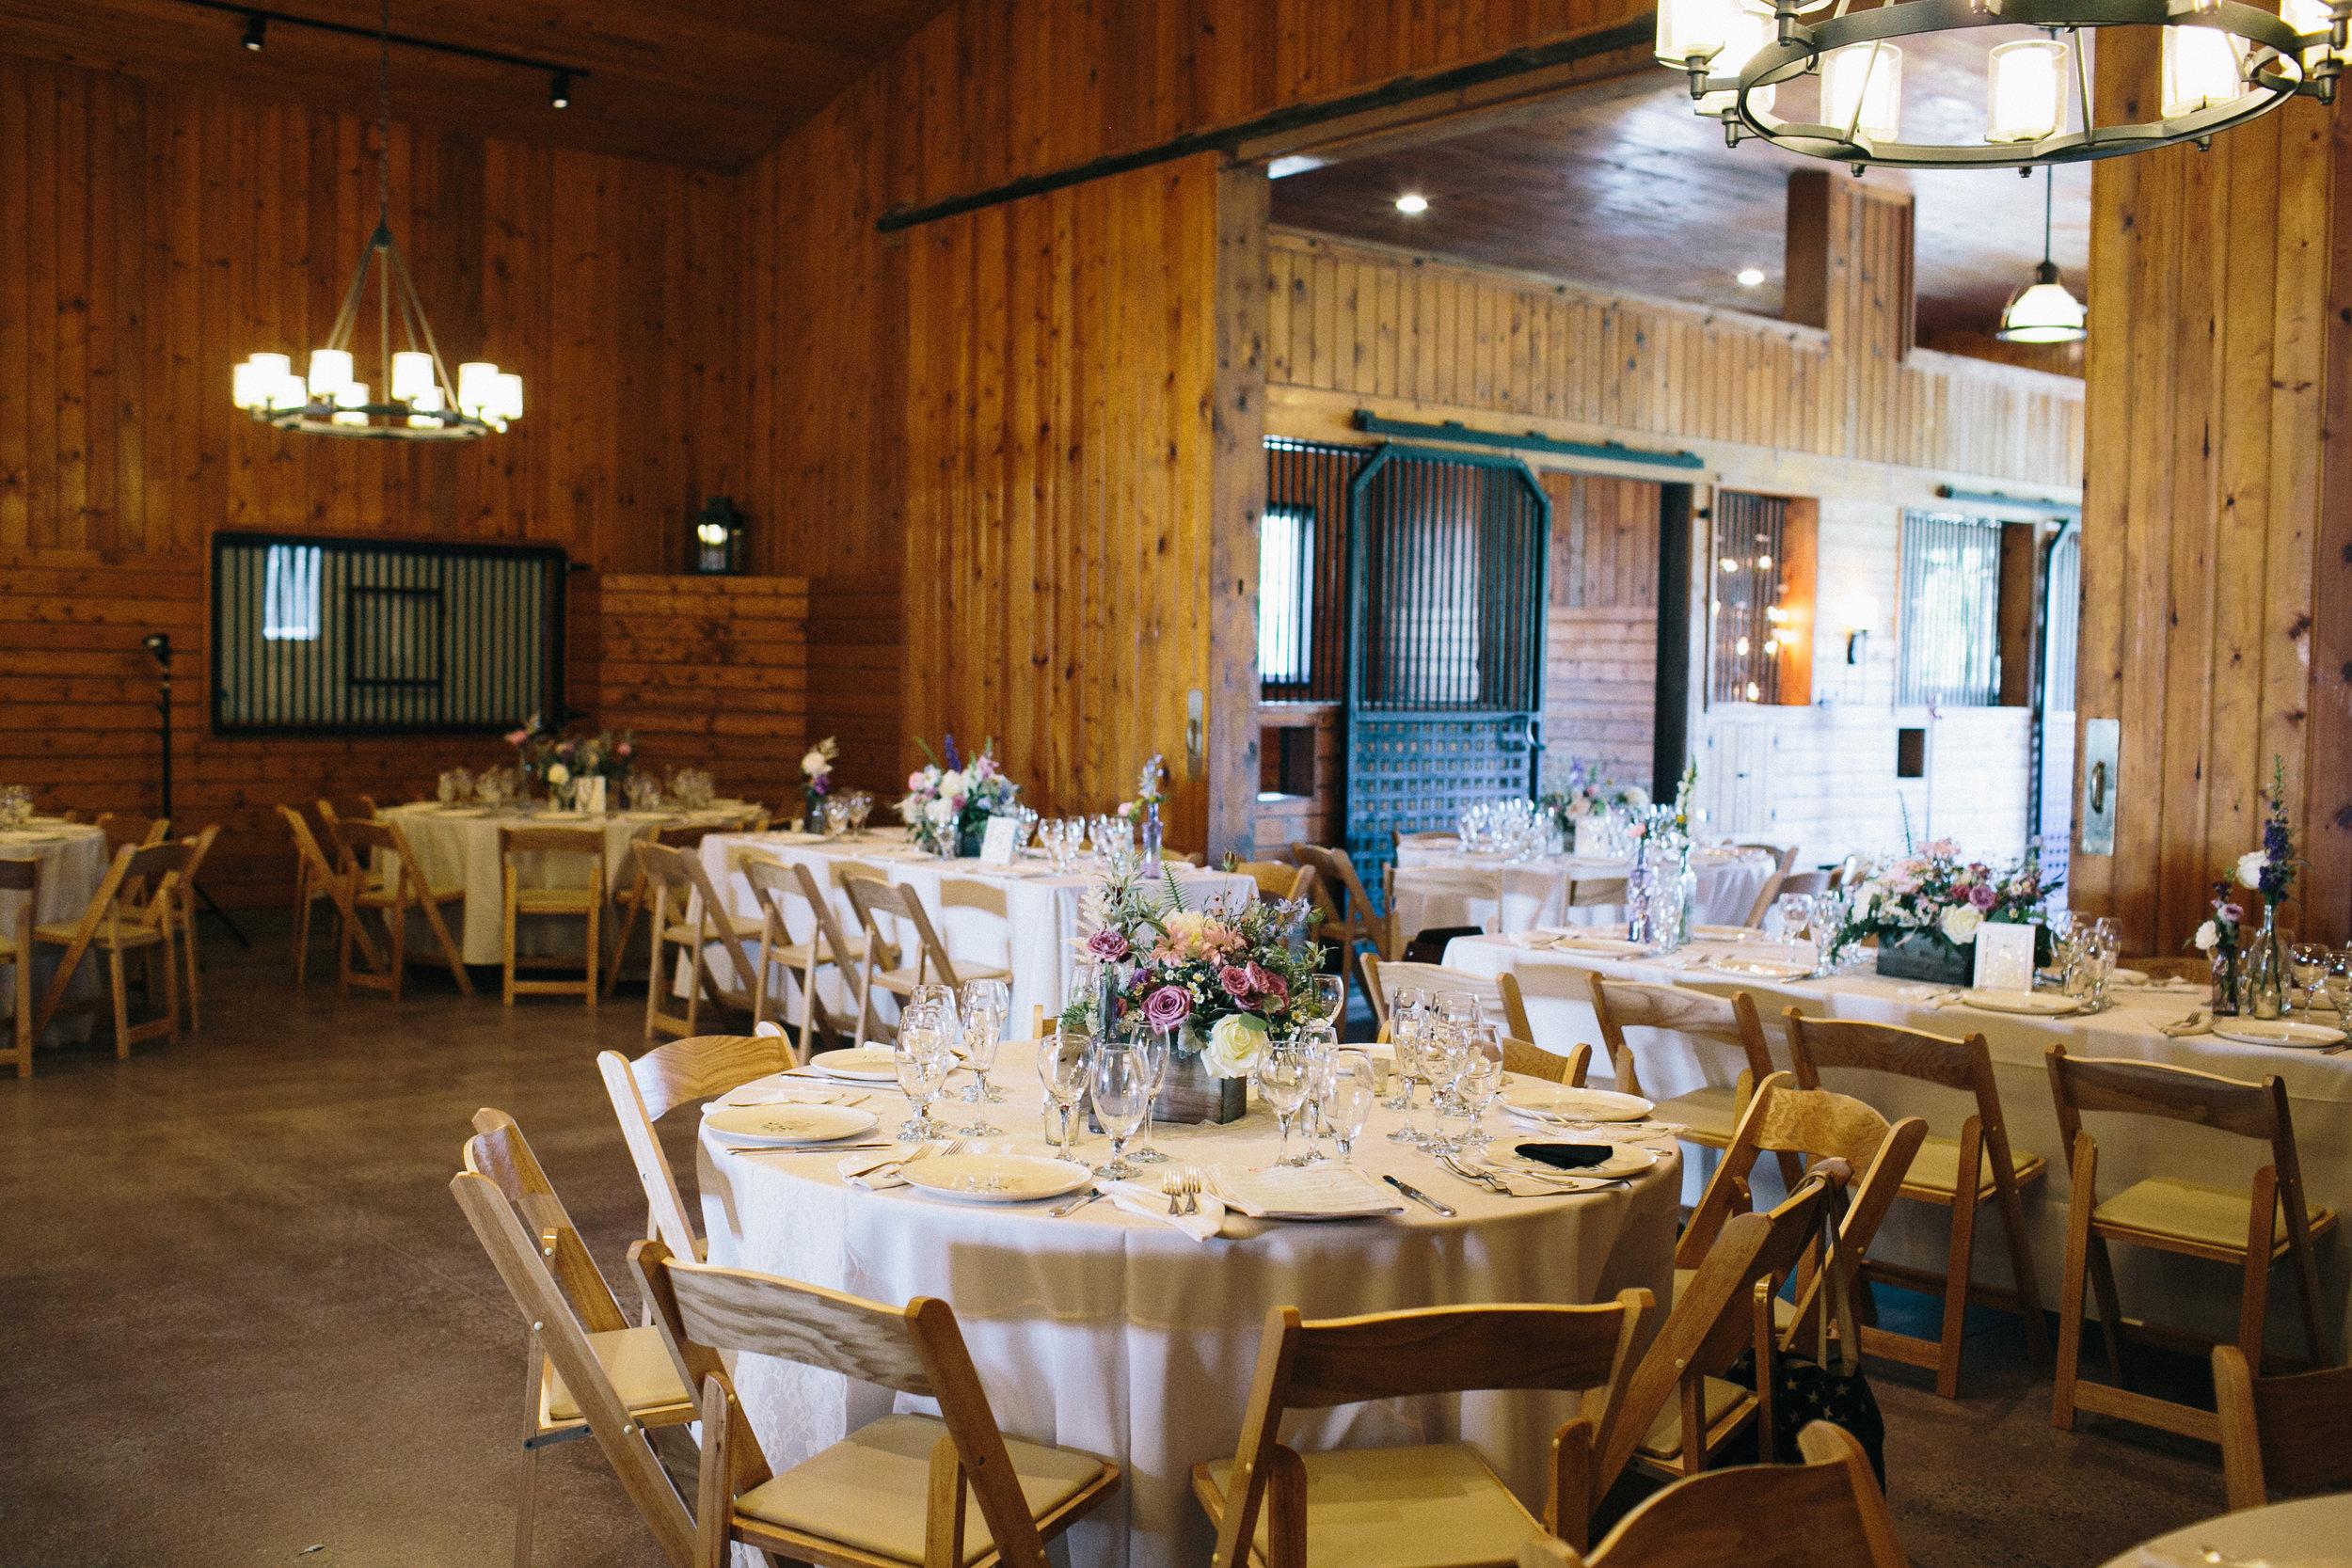 414_Jared_Kristen_wedding.jpg